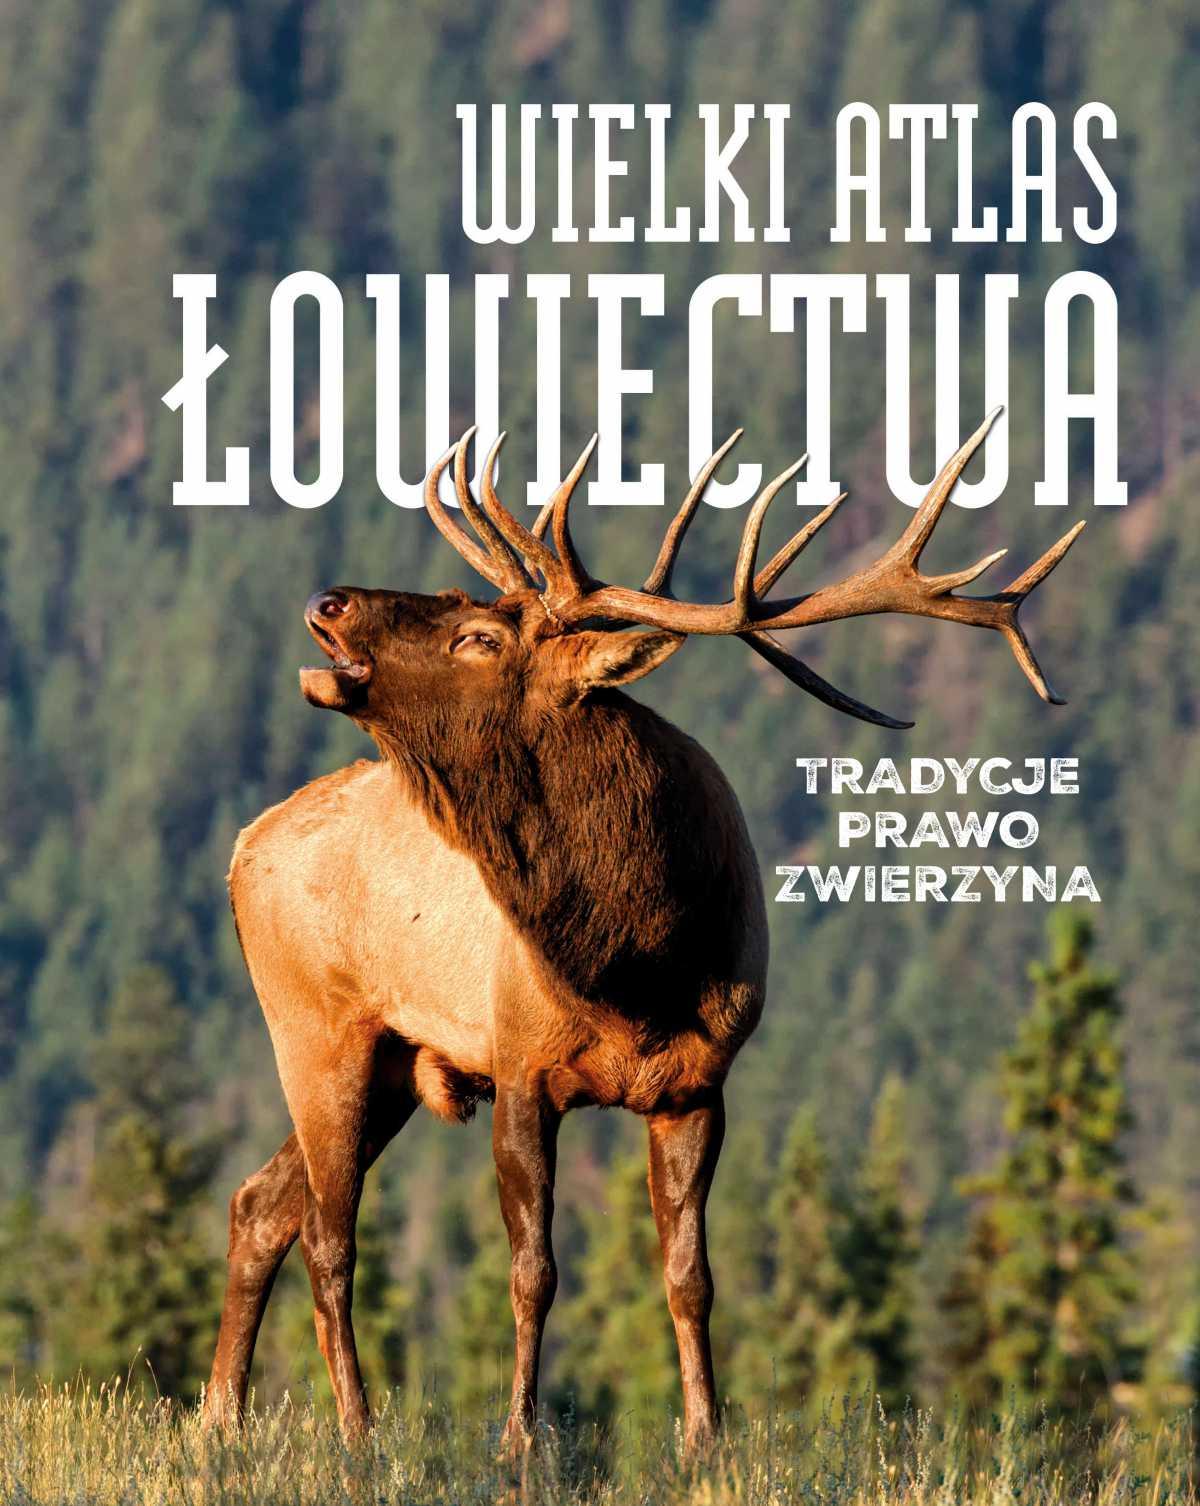 Wielki atlas łowiectwa - Ebook (Książka PDF) do pobrania w formacie PDF